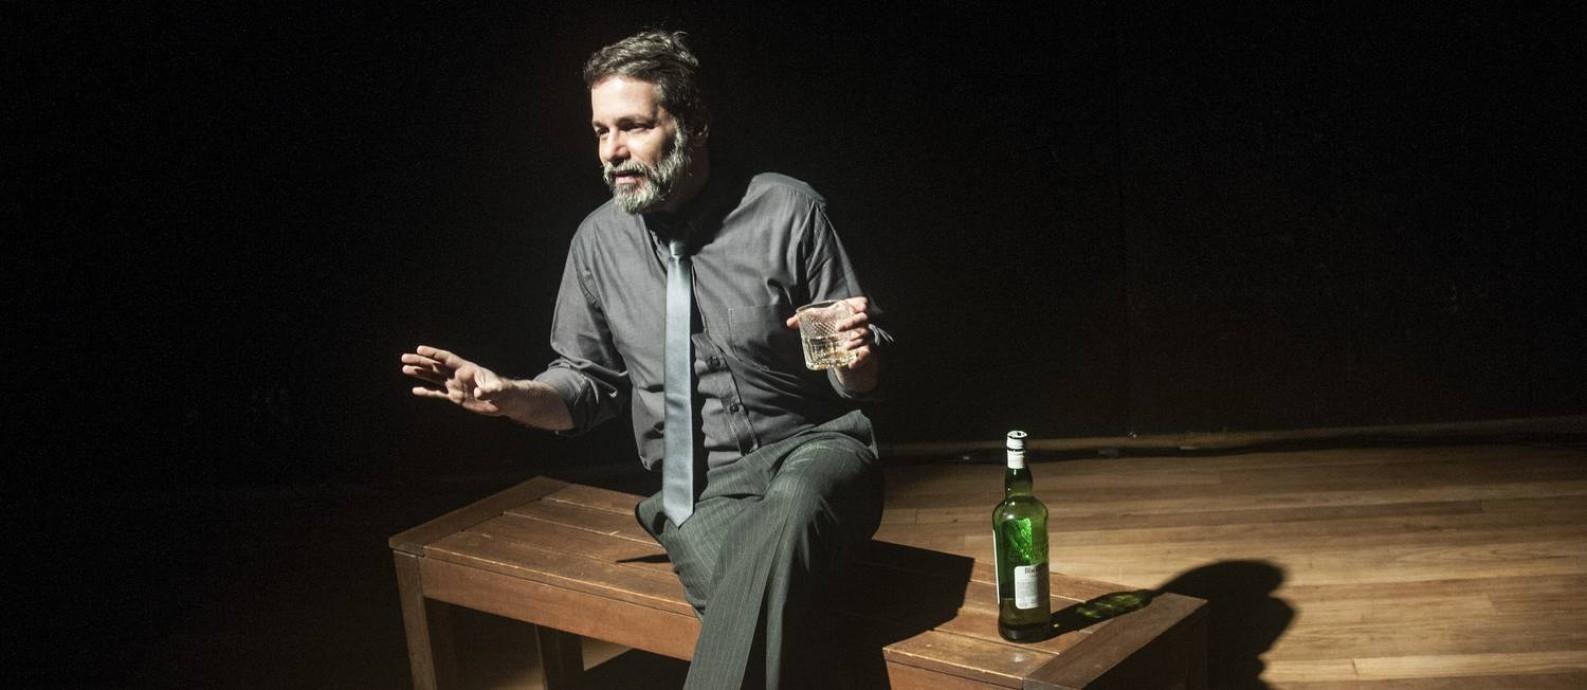 Leonardo Netto, em cena da peça '3 maneiras de tocar no assunto' Foto: Dalton Valerio / Divulgação